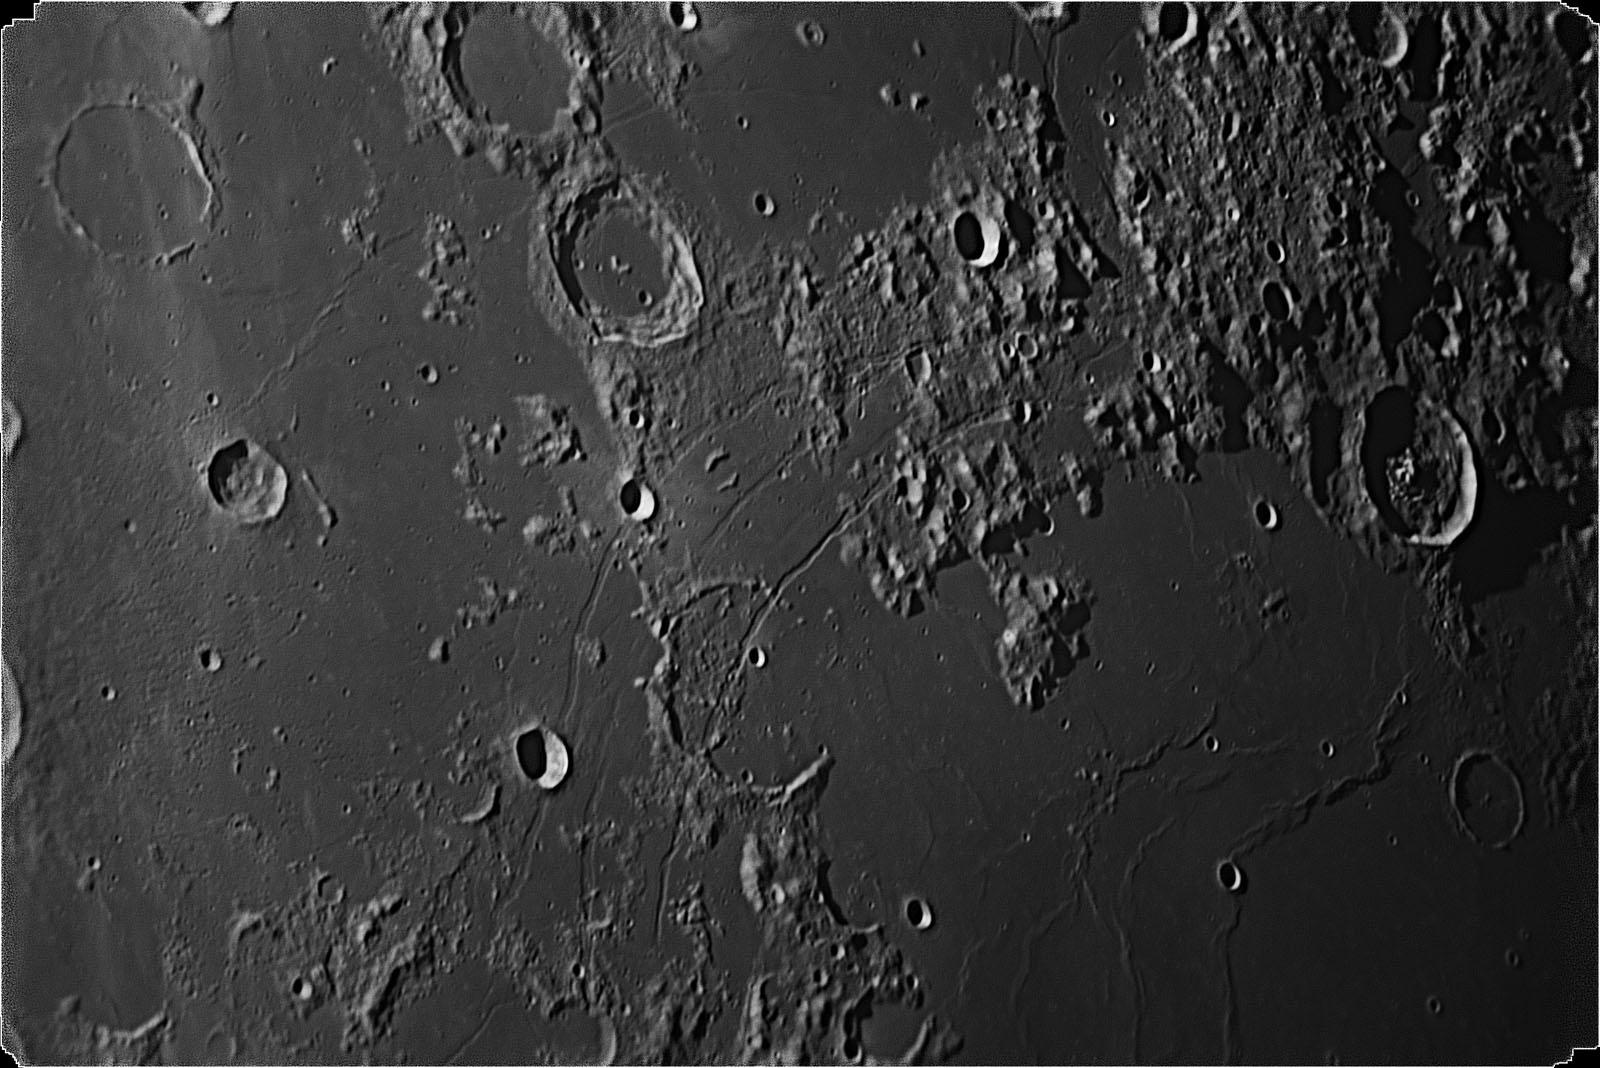 Moon_3bonv20161210w1600